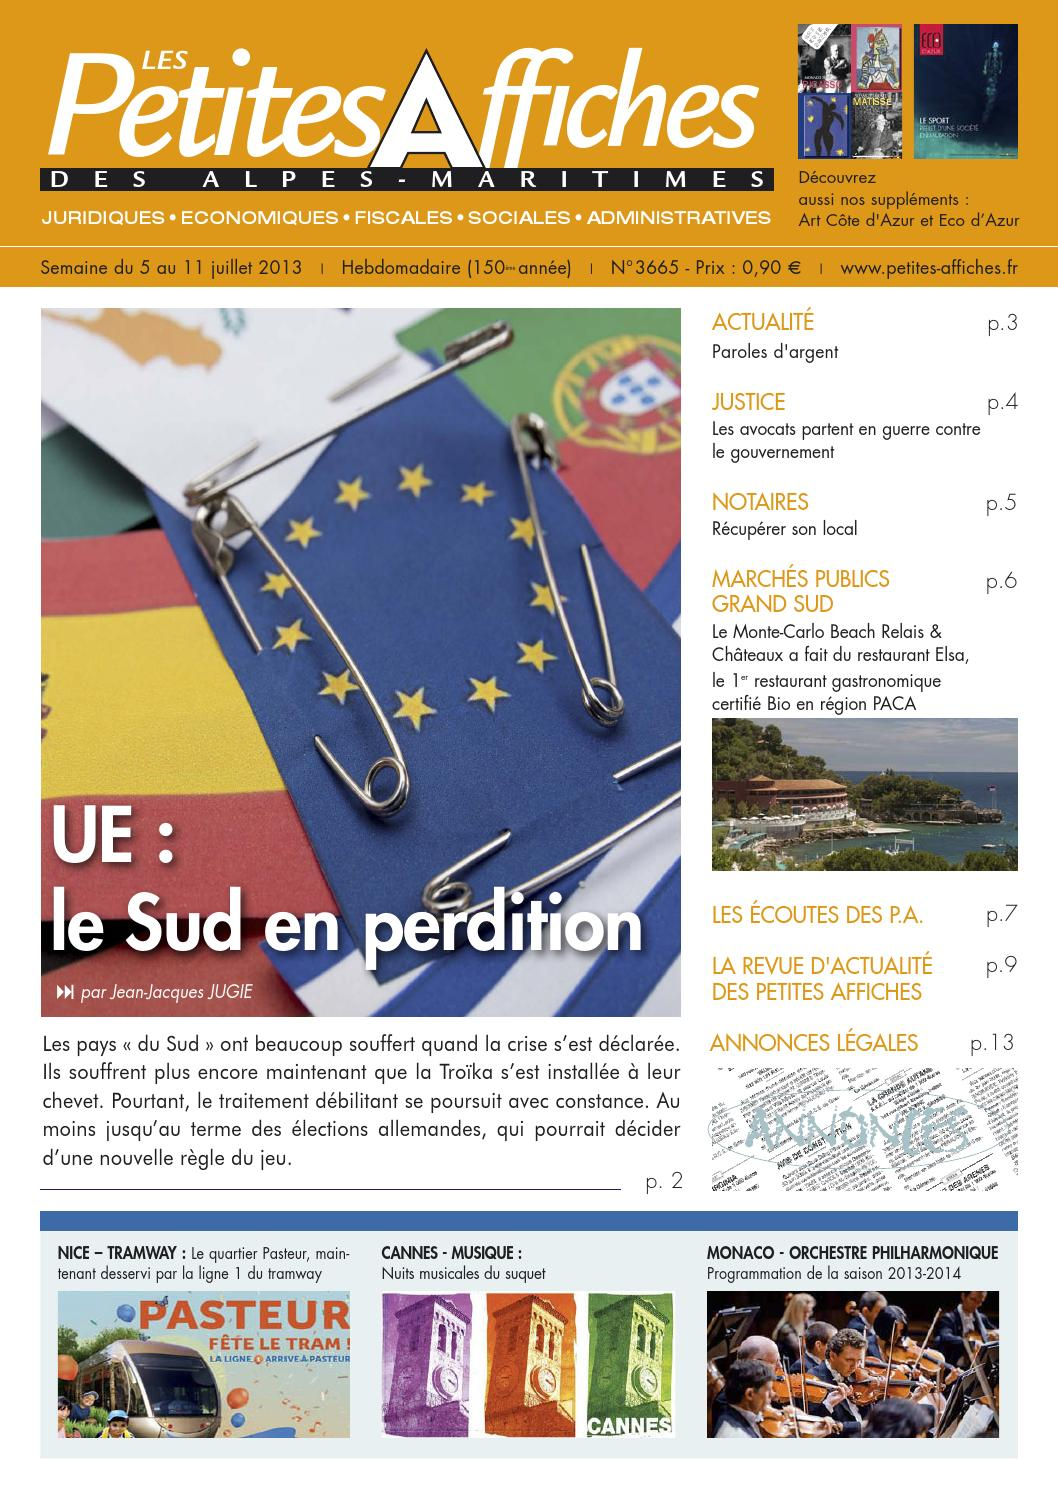 Semaine du 5 au 11 juillet 2013 by Les Petites Affiches - issuu